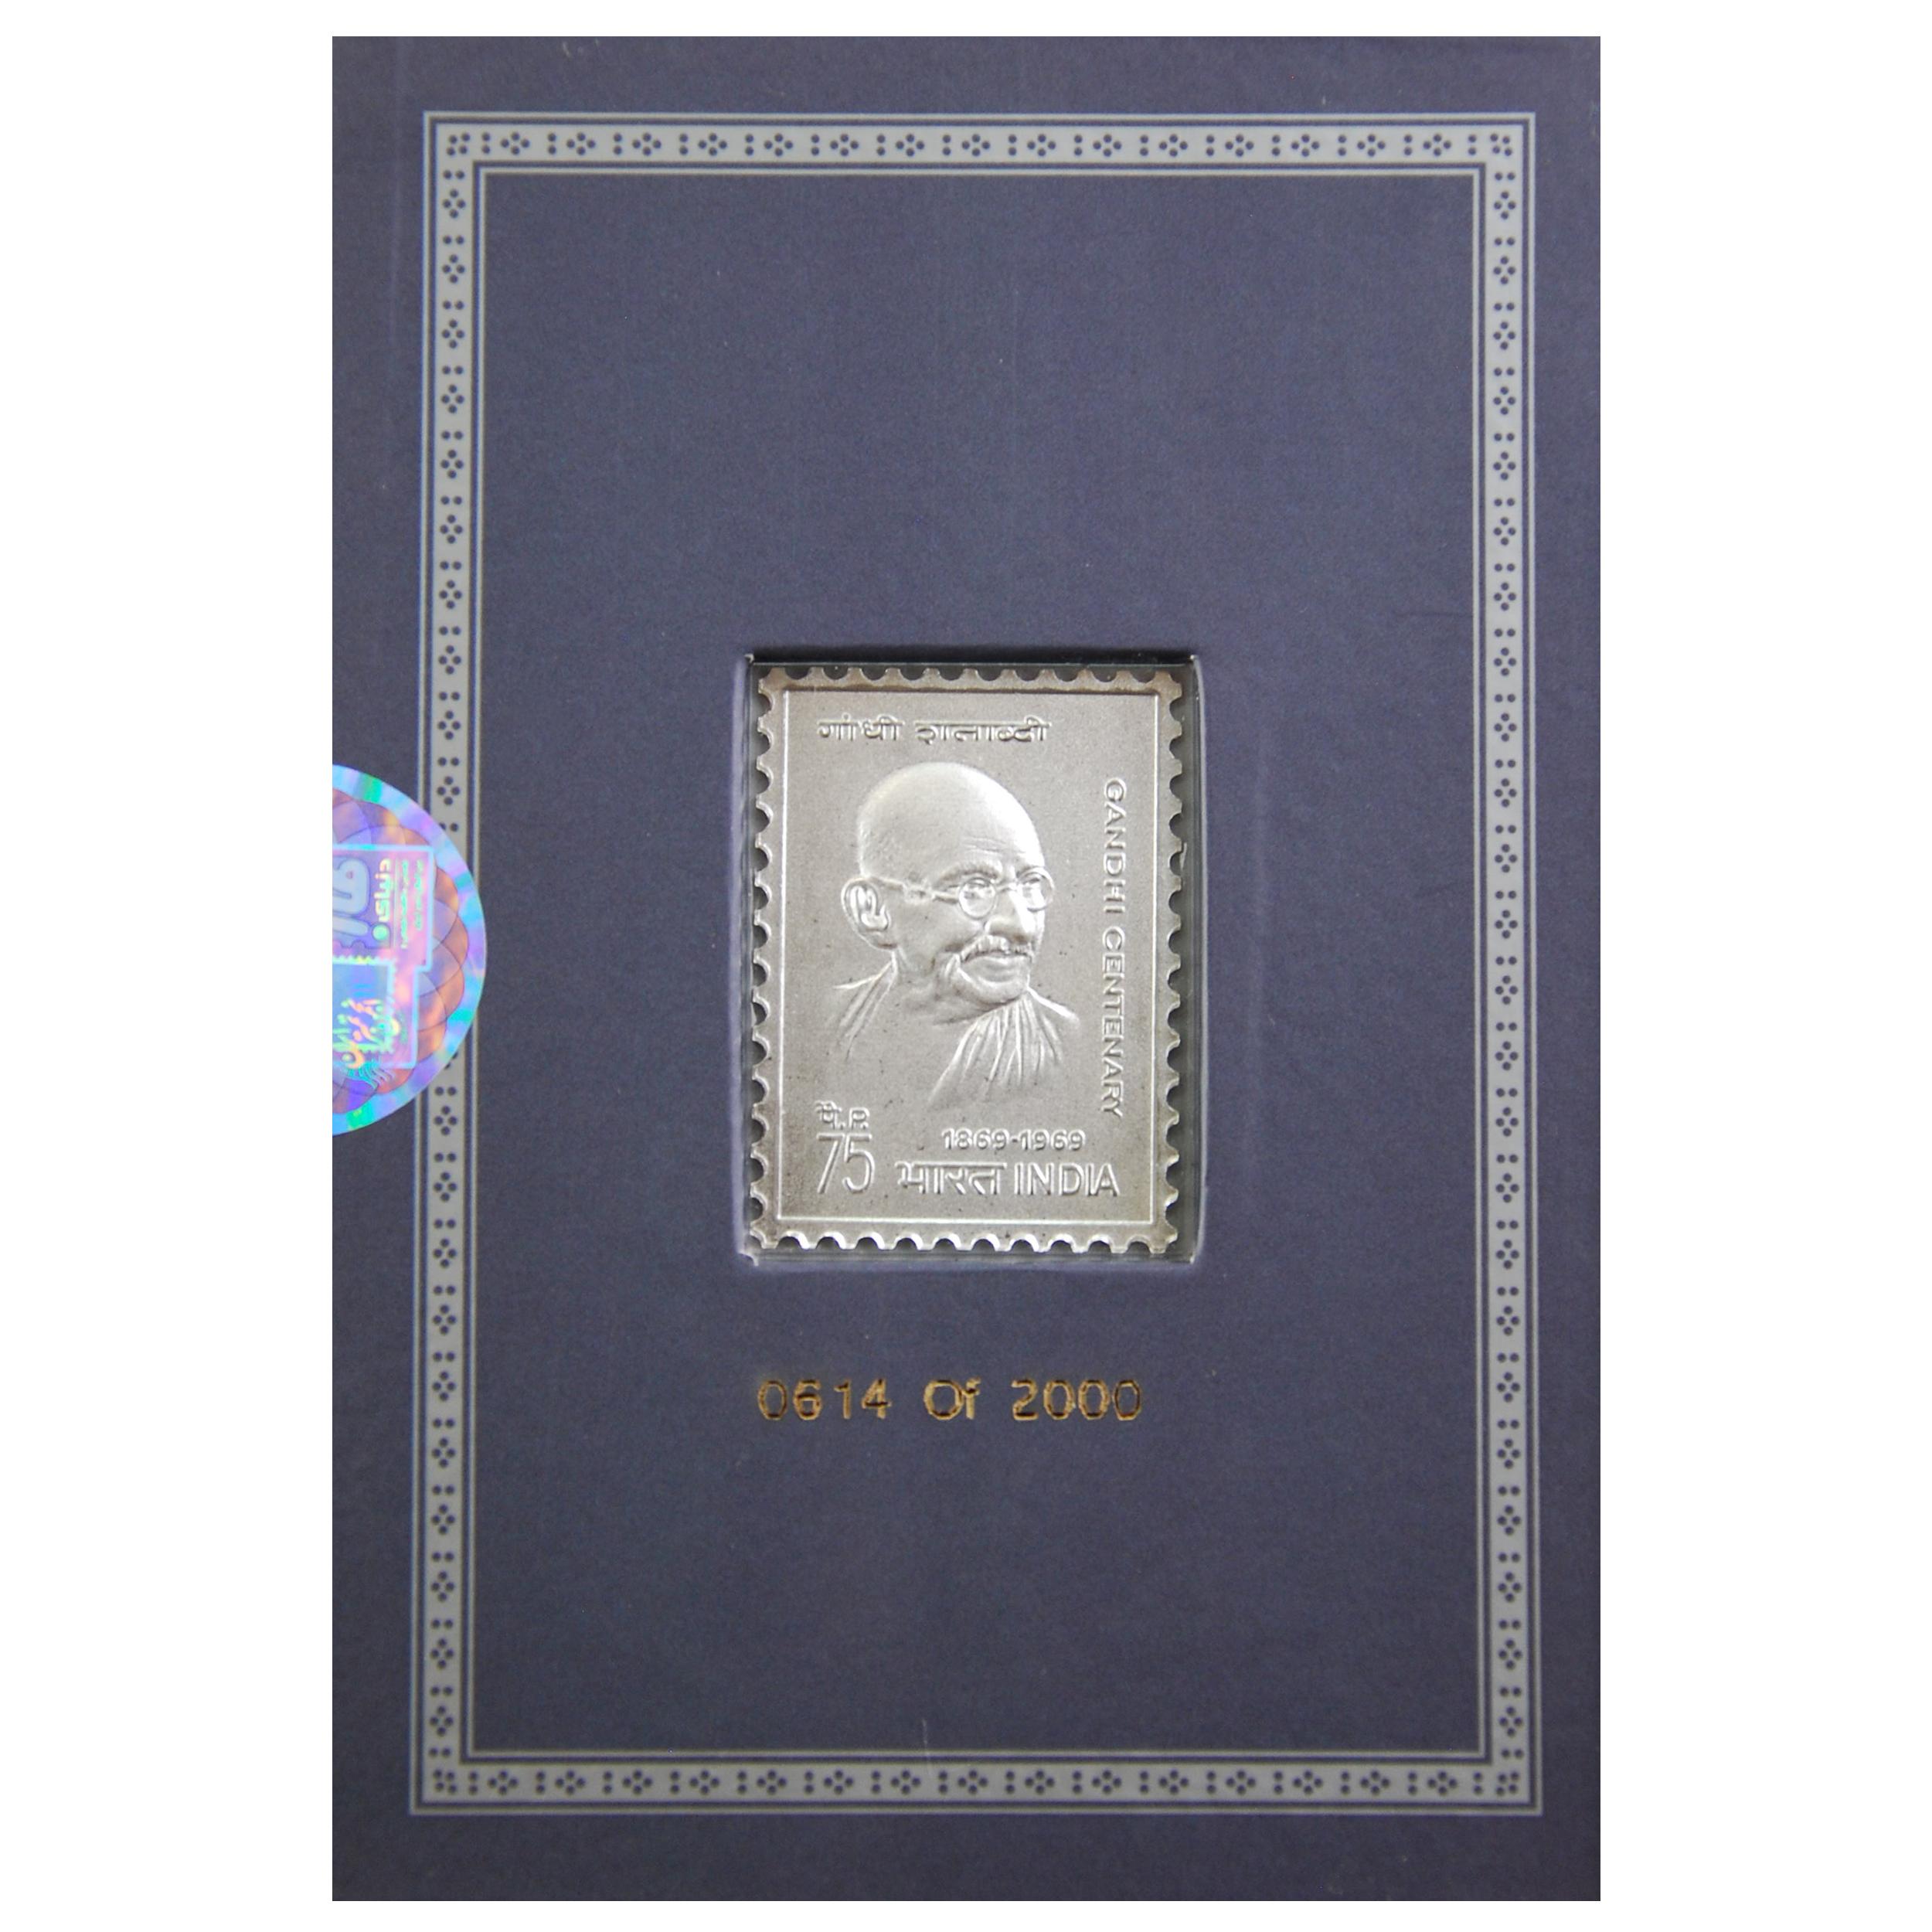 تمبر یادبود خانه سکه ایران طرح مهاتما گاندی مدل 3497-5